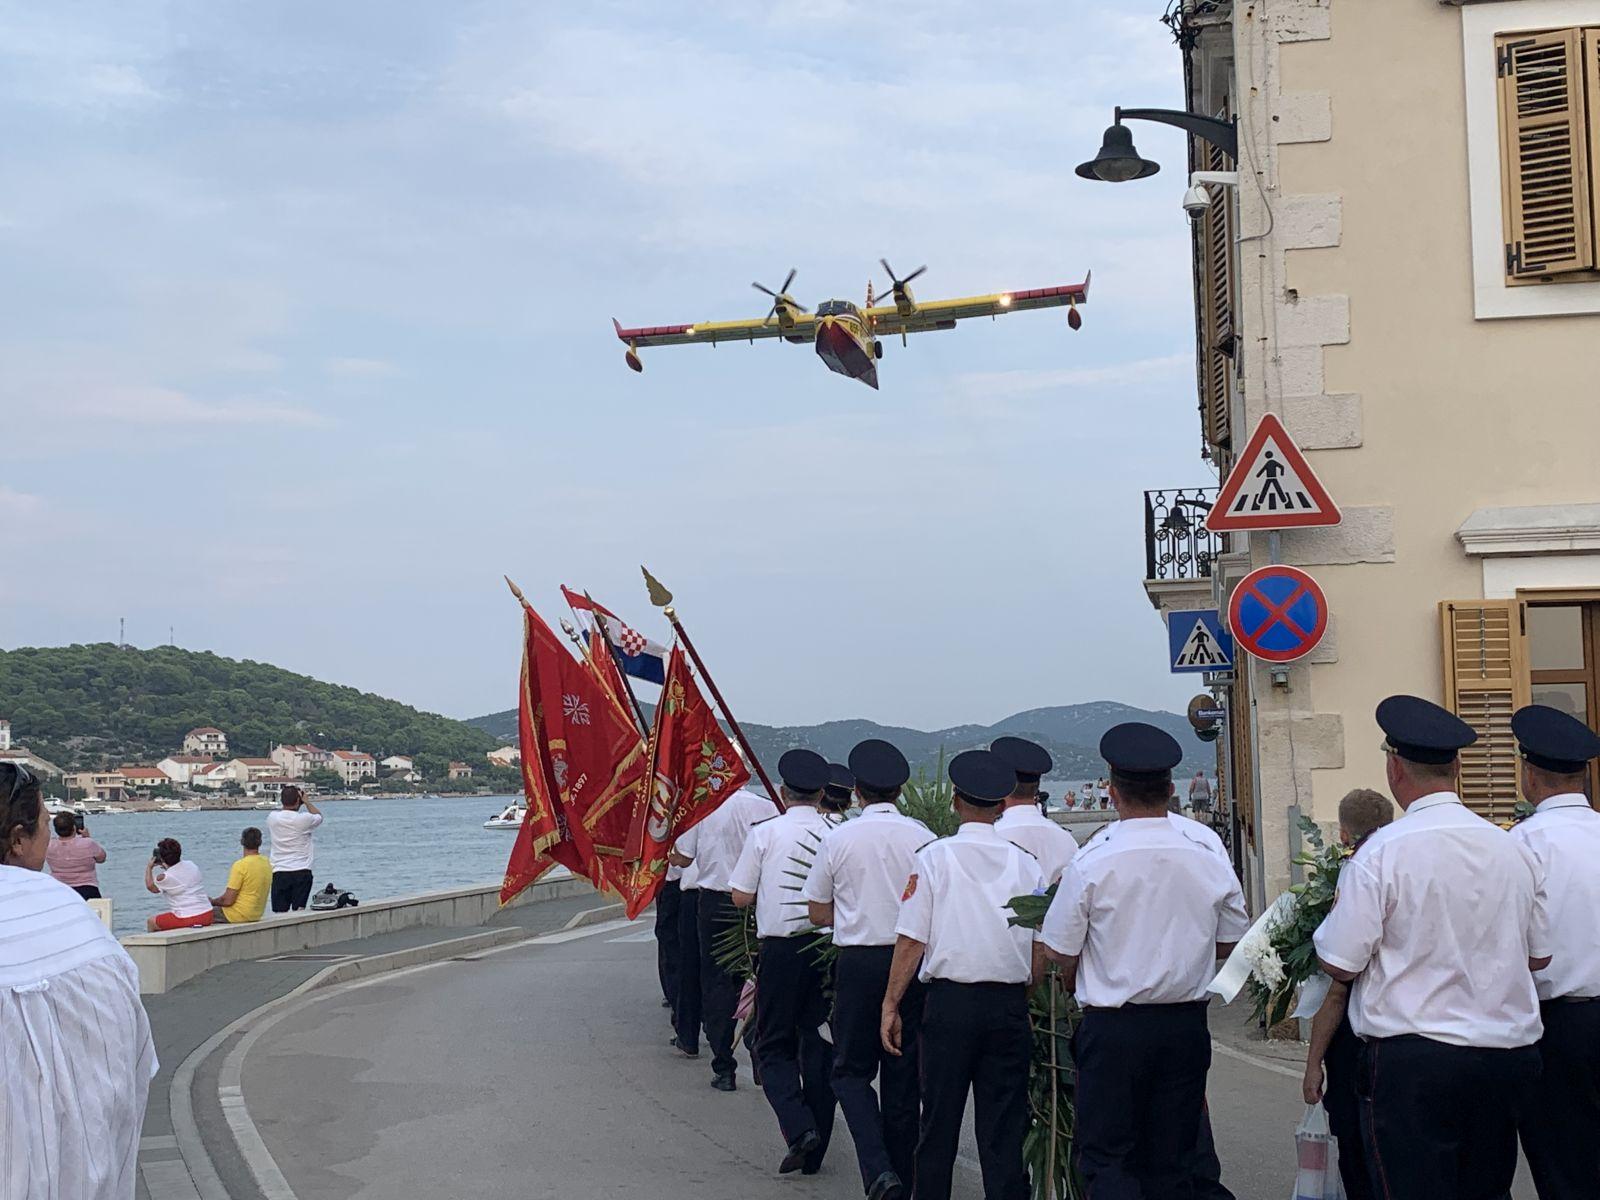 Kornati: Obilježavanje 12. godišnjice najveće tragedije hrvatskog vatrogastva